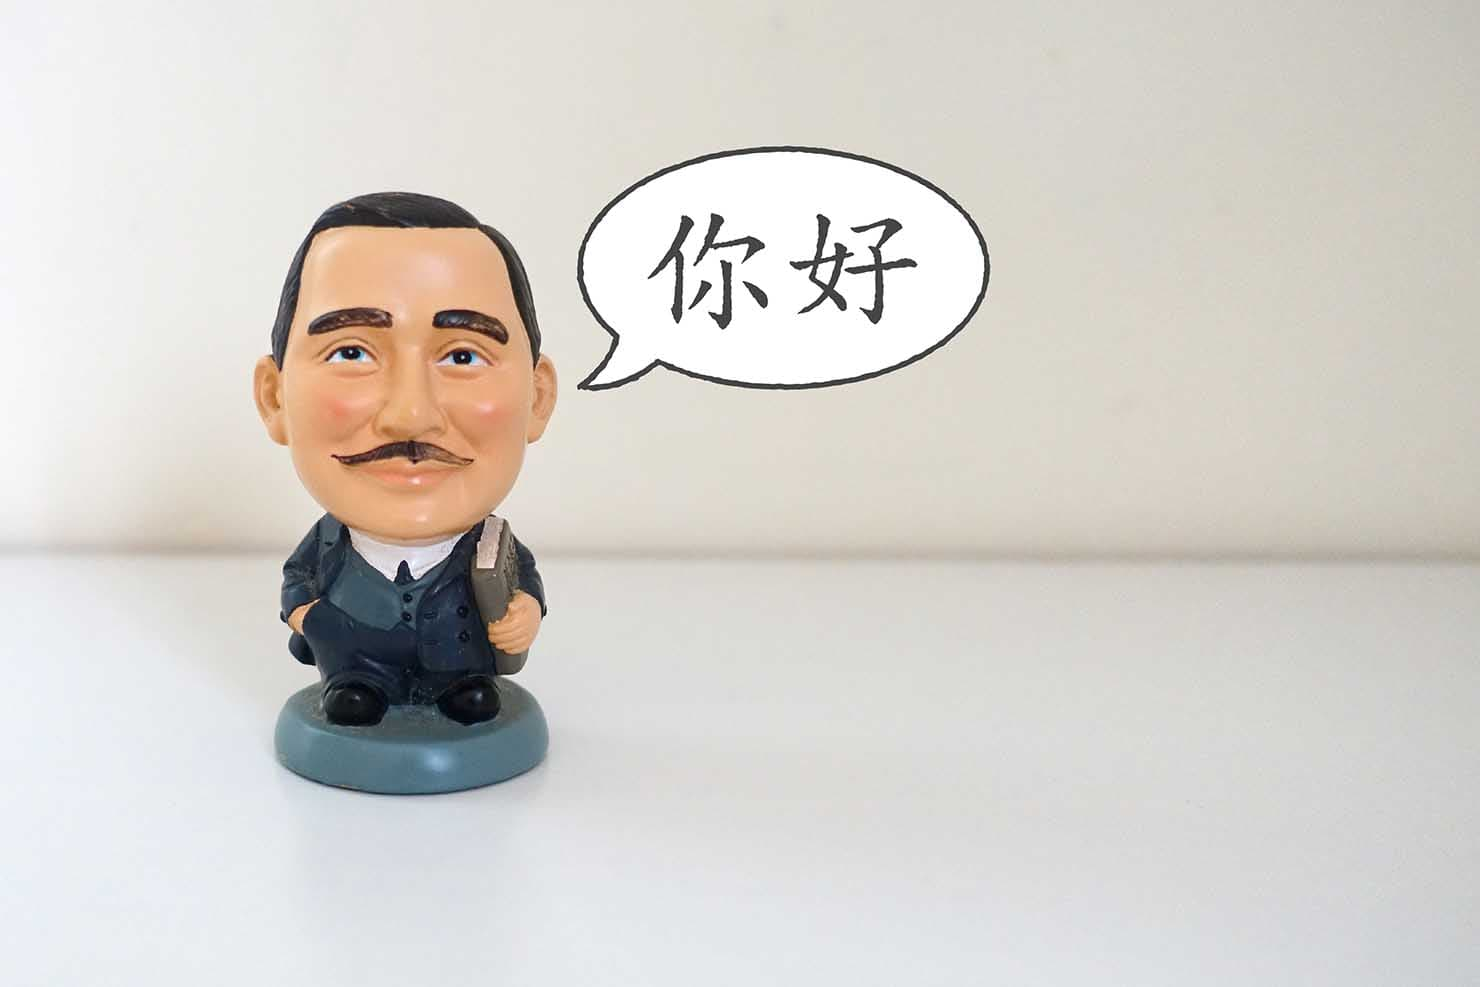 台湾でよく使われる中国語の挨拶「你好(ニーハオ)」